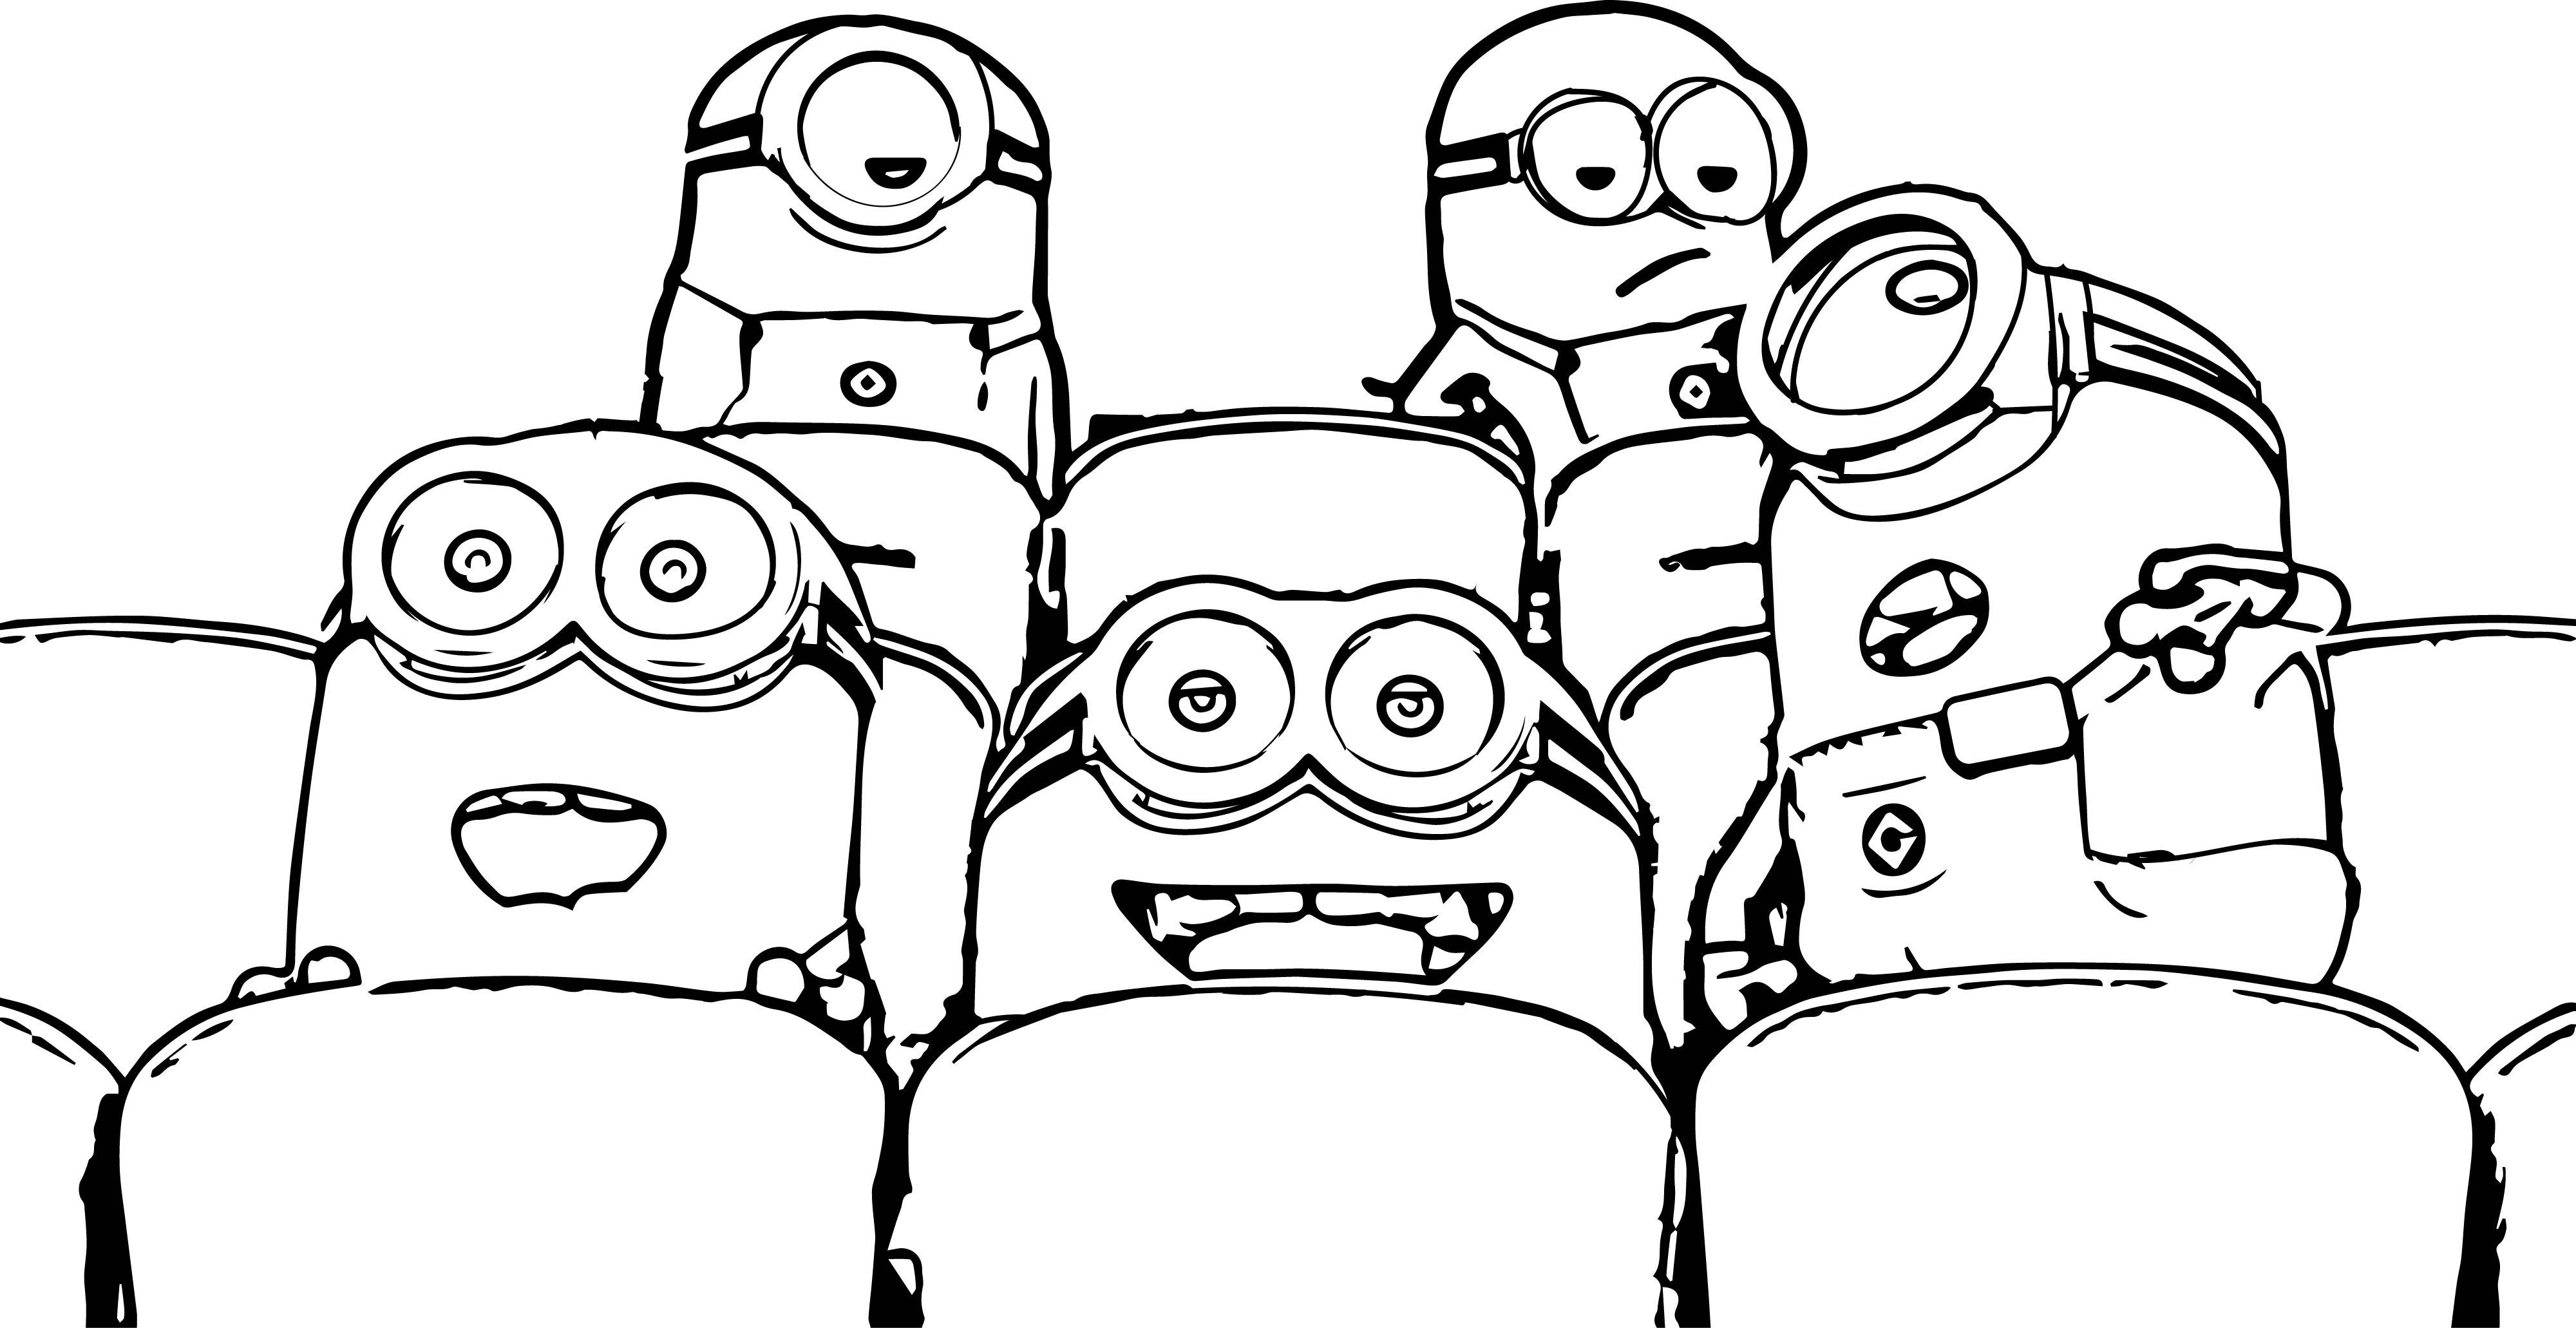 Cute-Minion-Cinema-Coloring-Page